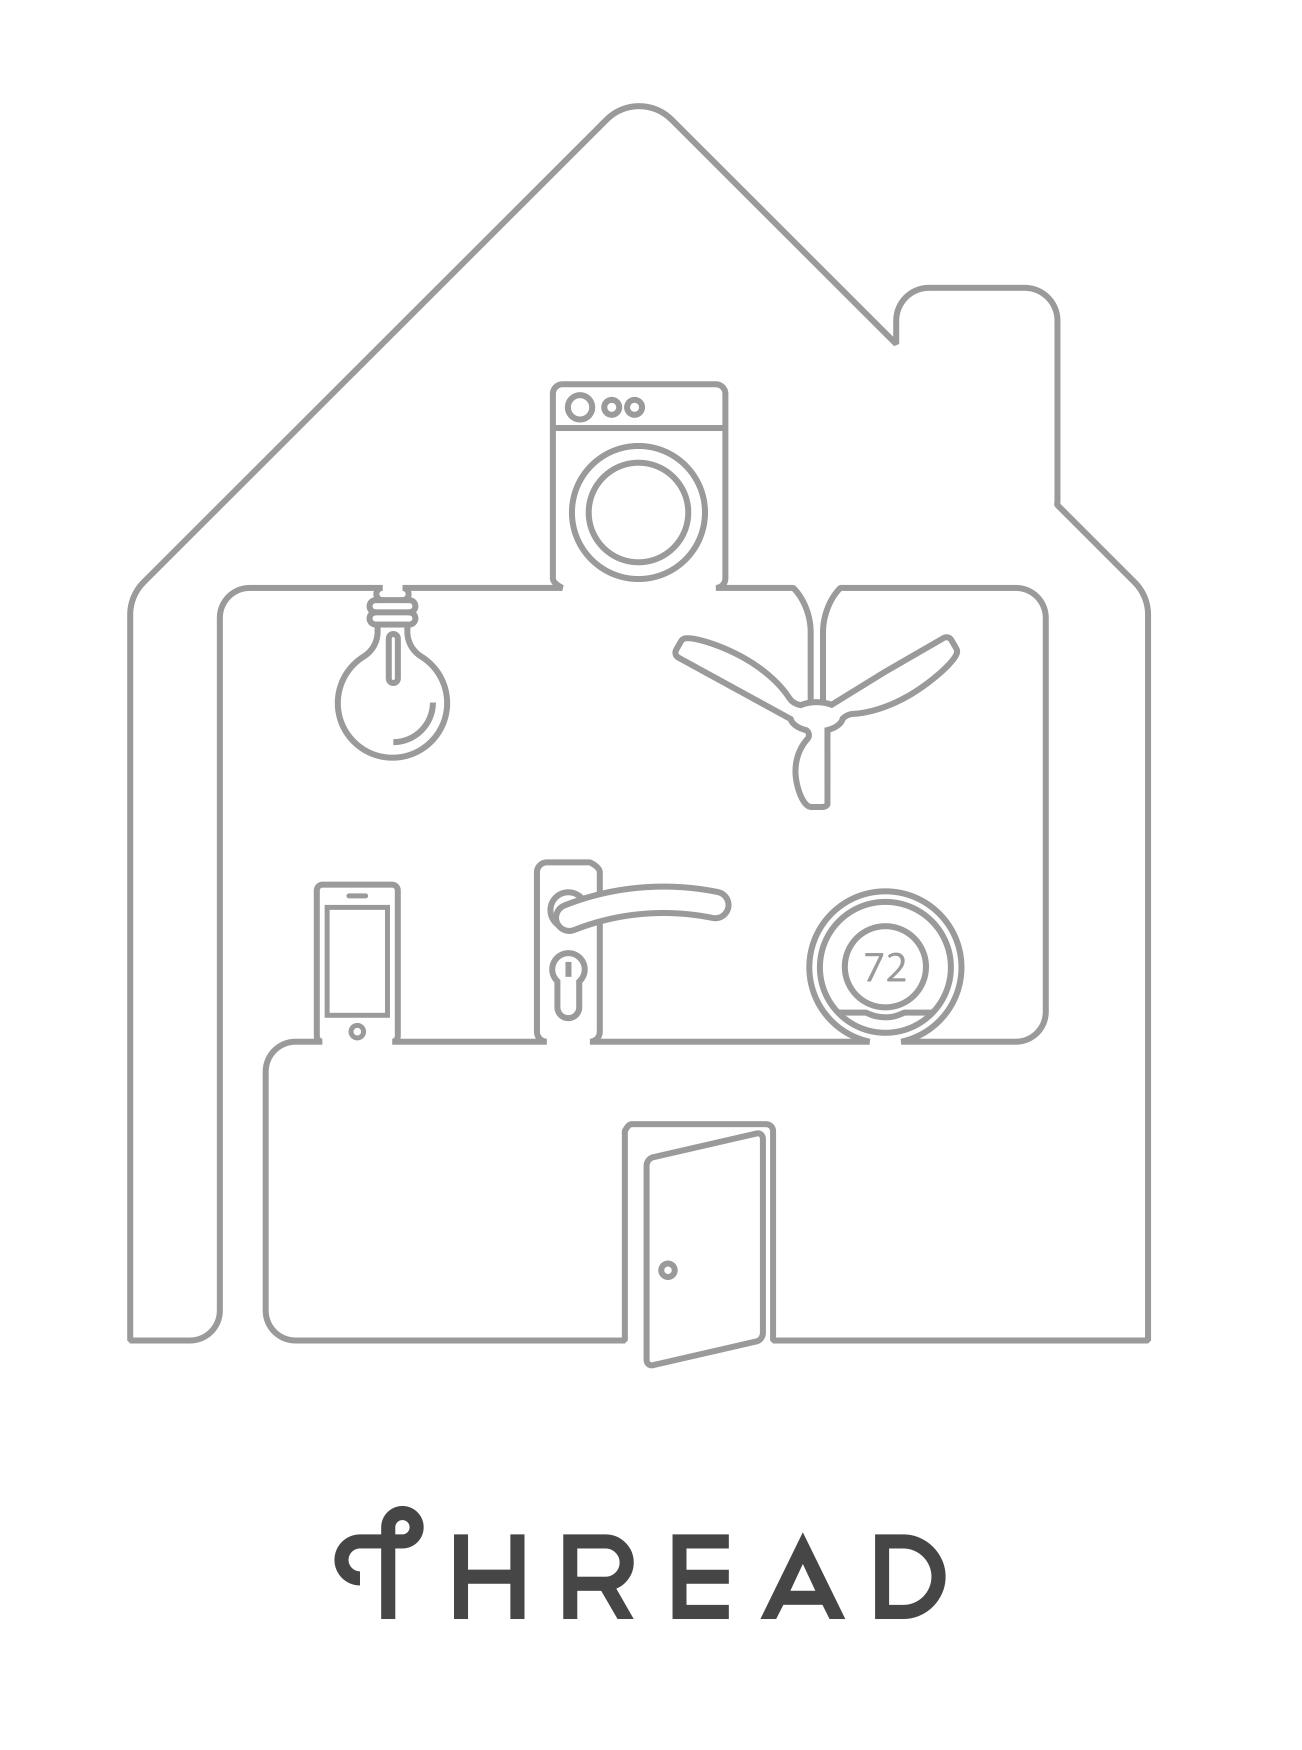 Internet der Dinge: Google, Samsung und ARM mit Thread gegen WLAN und Bluetooth - Ventilatoren, Waschmaschinen etc. - Thread soll das Haus vernetzen.  (Bild: Thread Group)